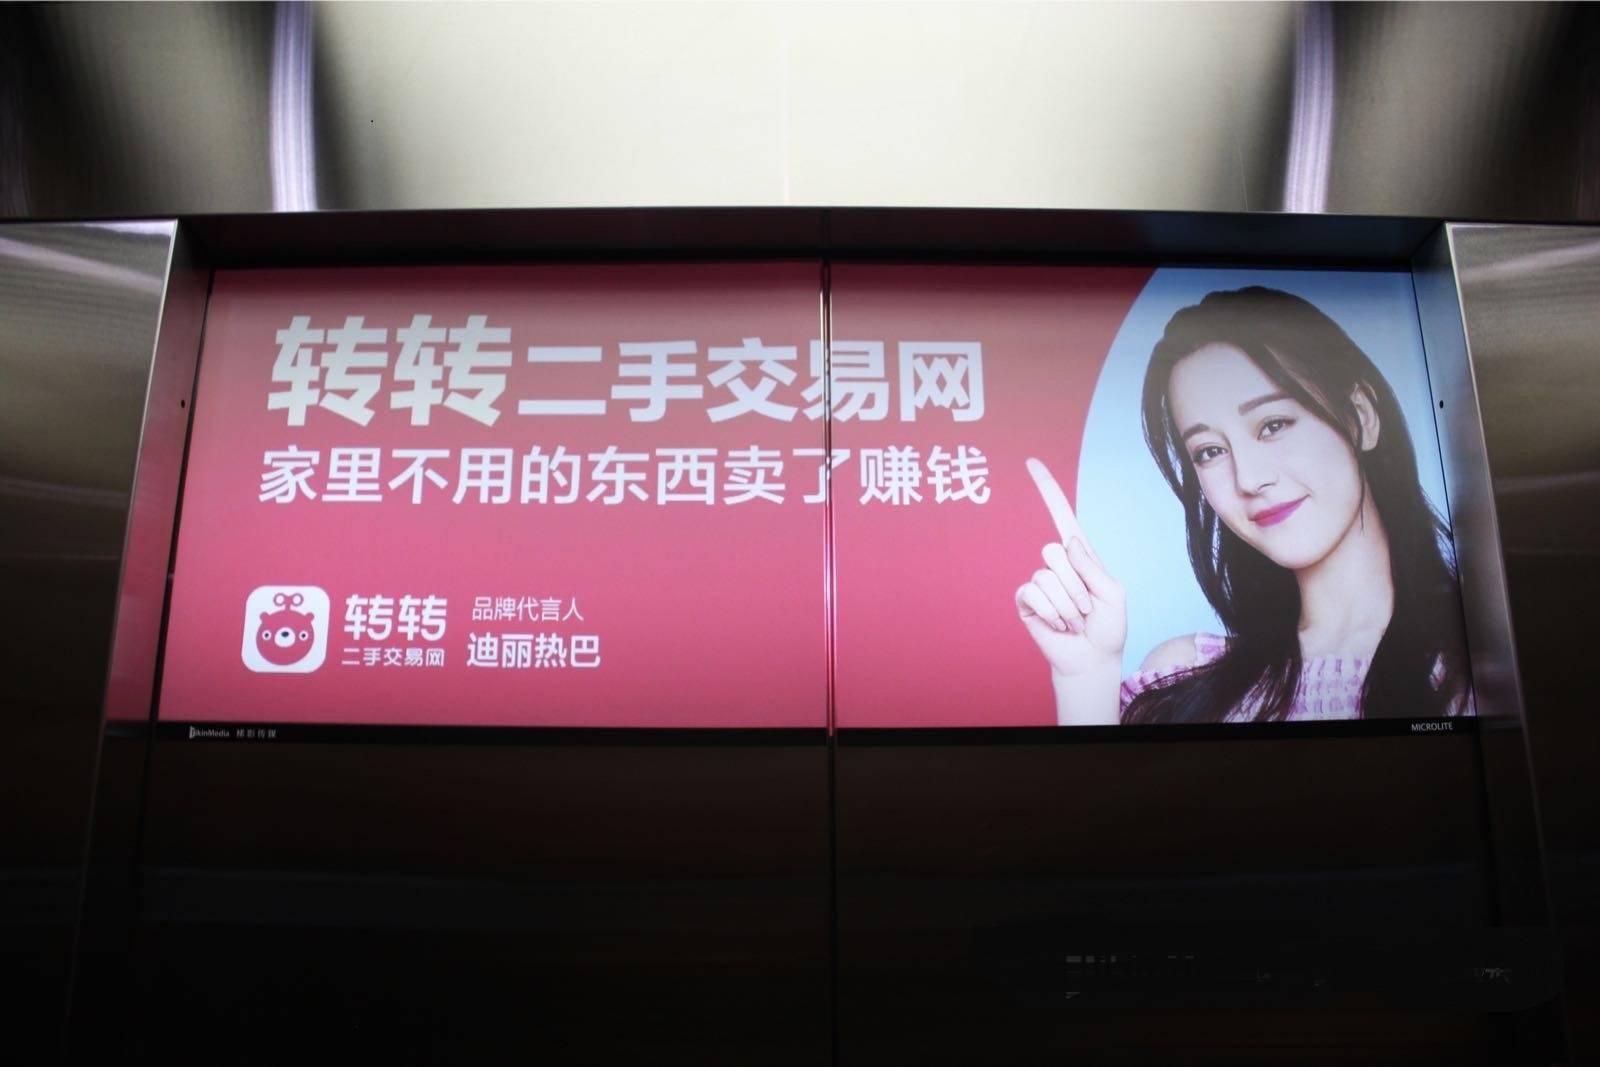 廊坊电梯门投影广告